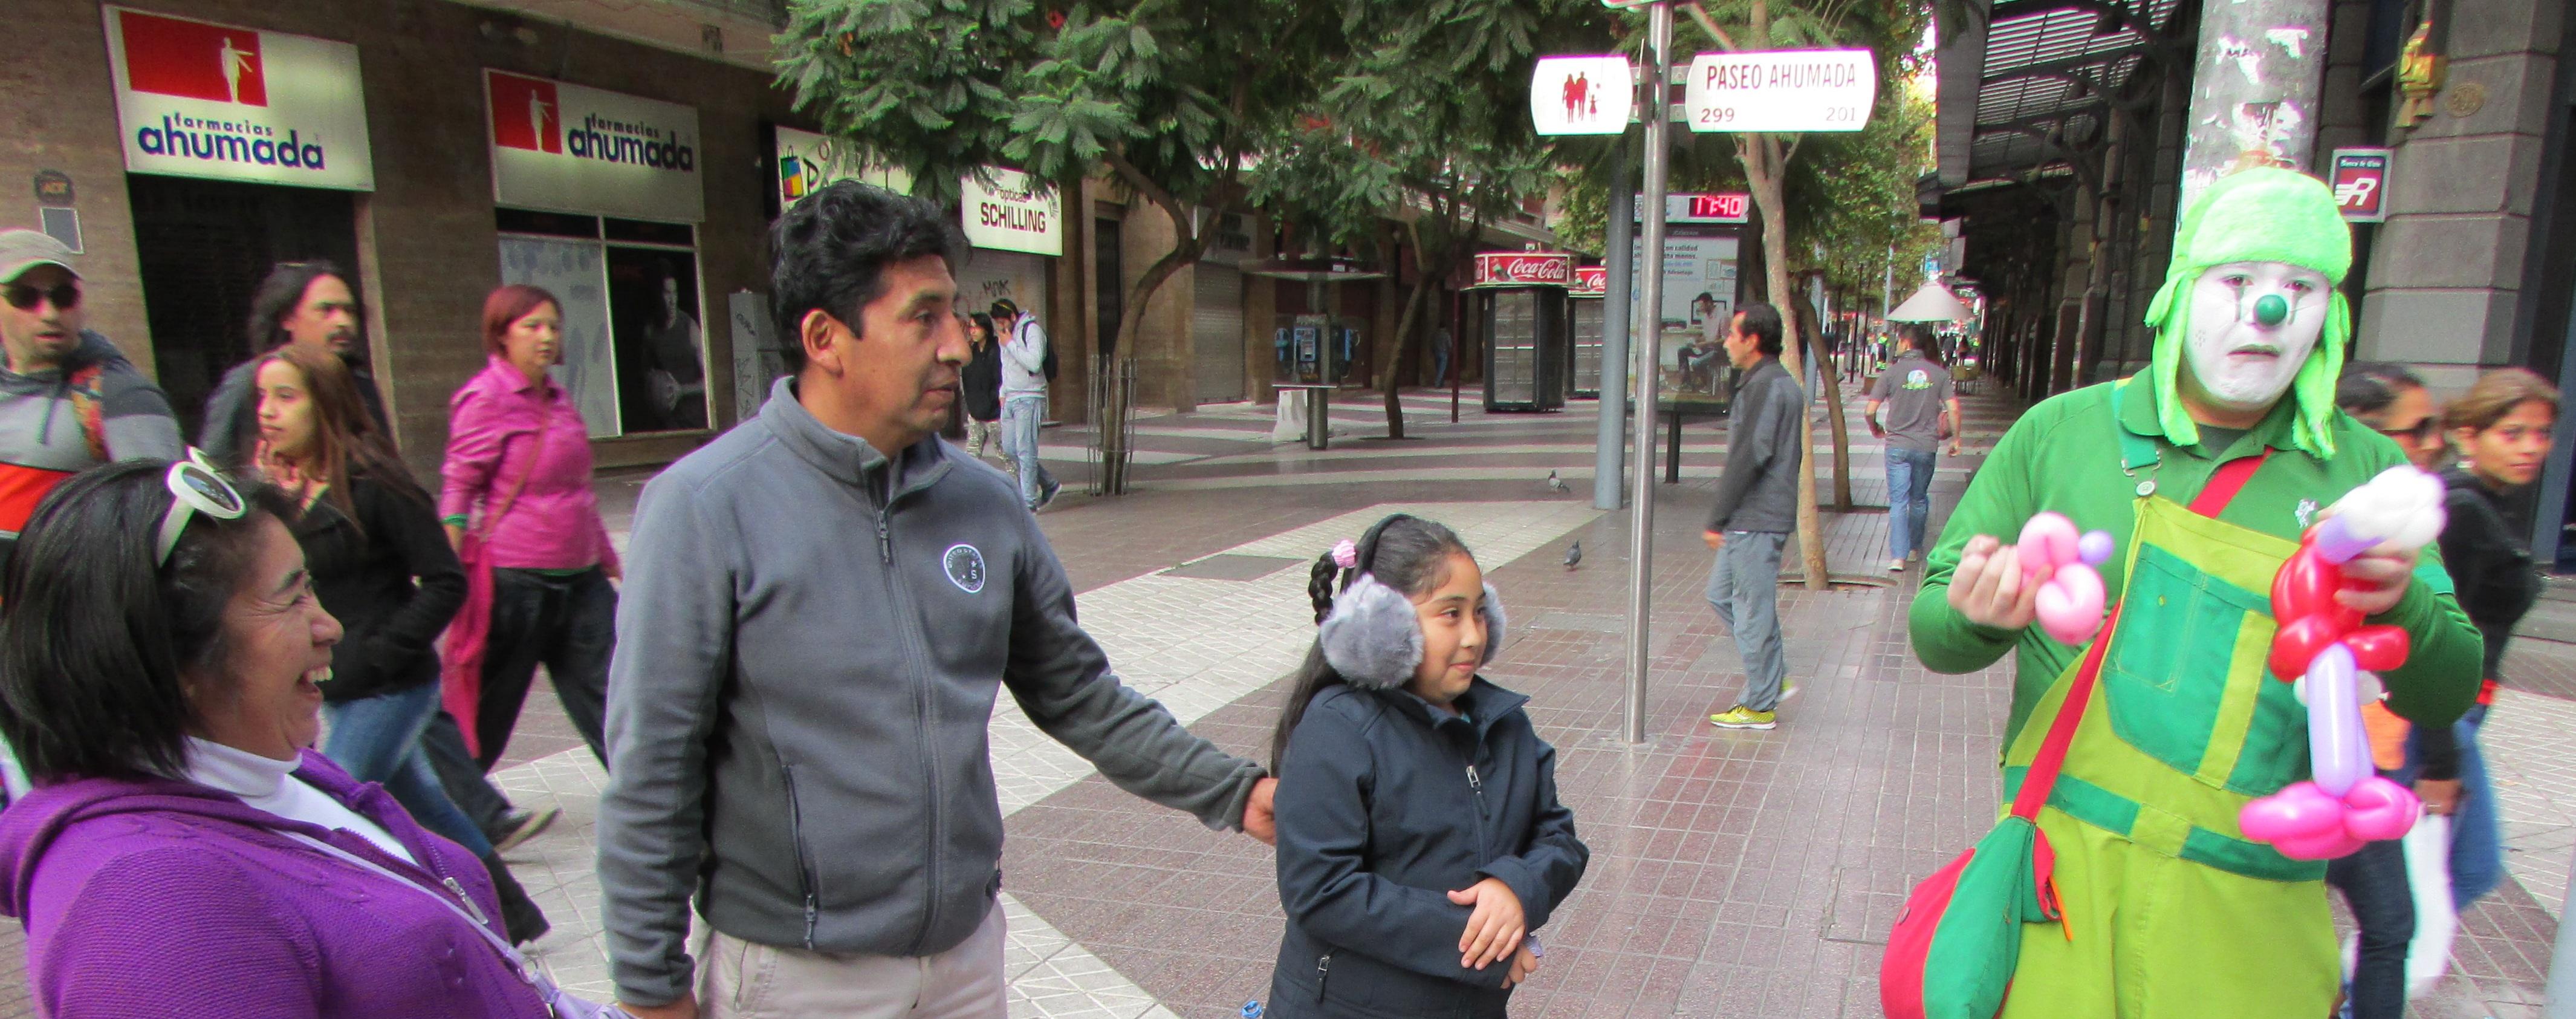 15 dicas para desbravar o centro histórico de Santiago